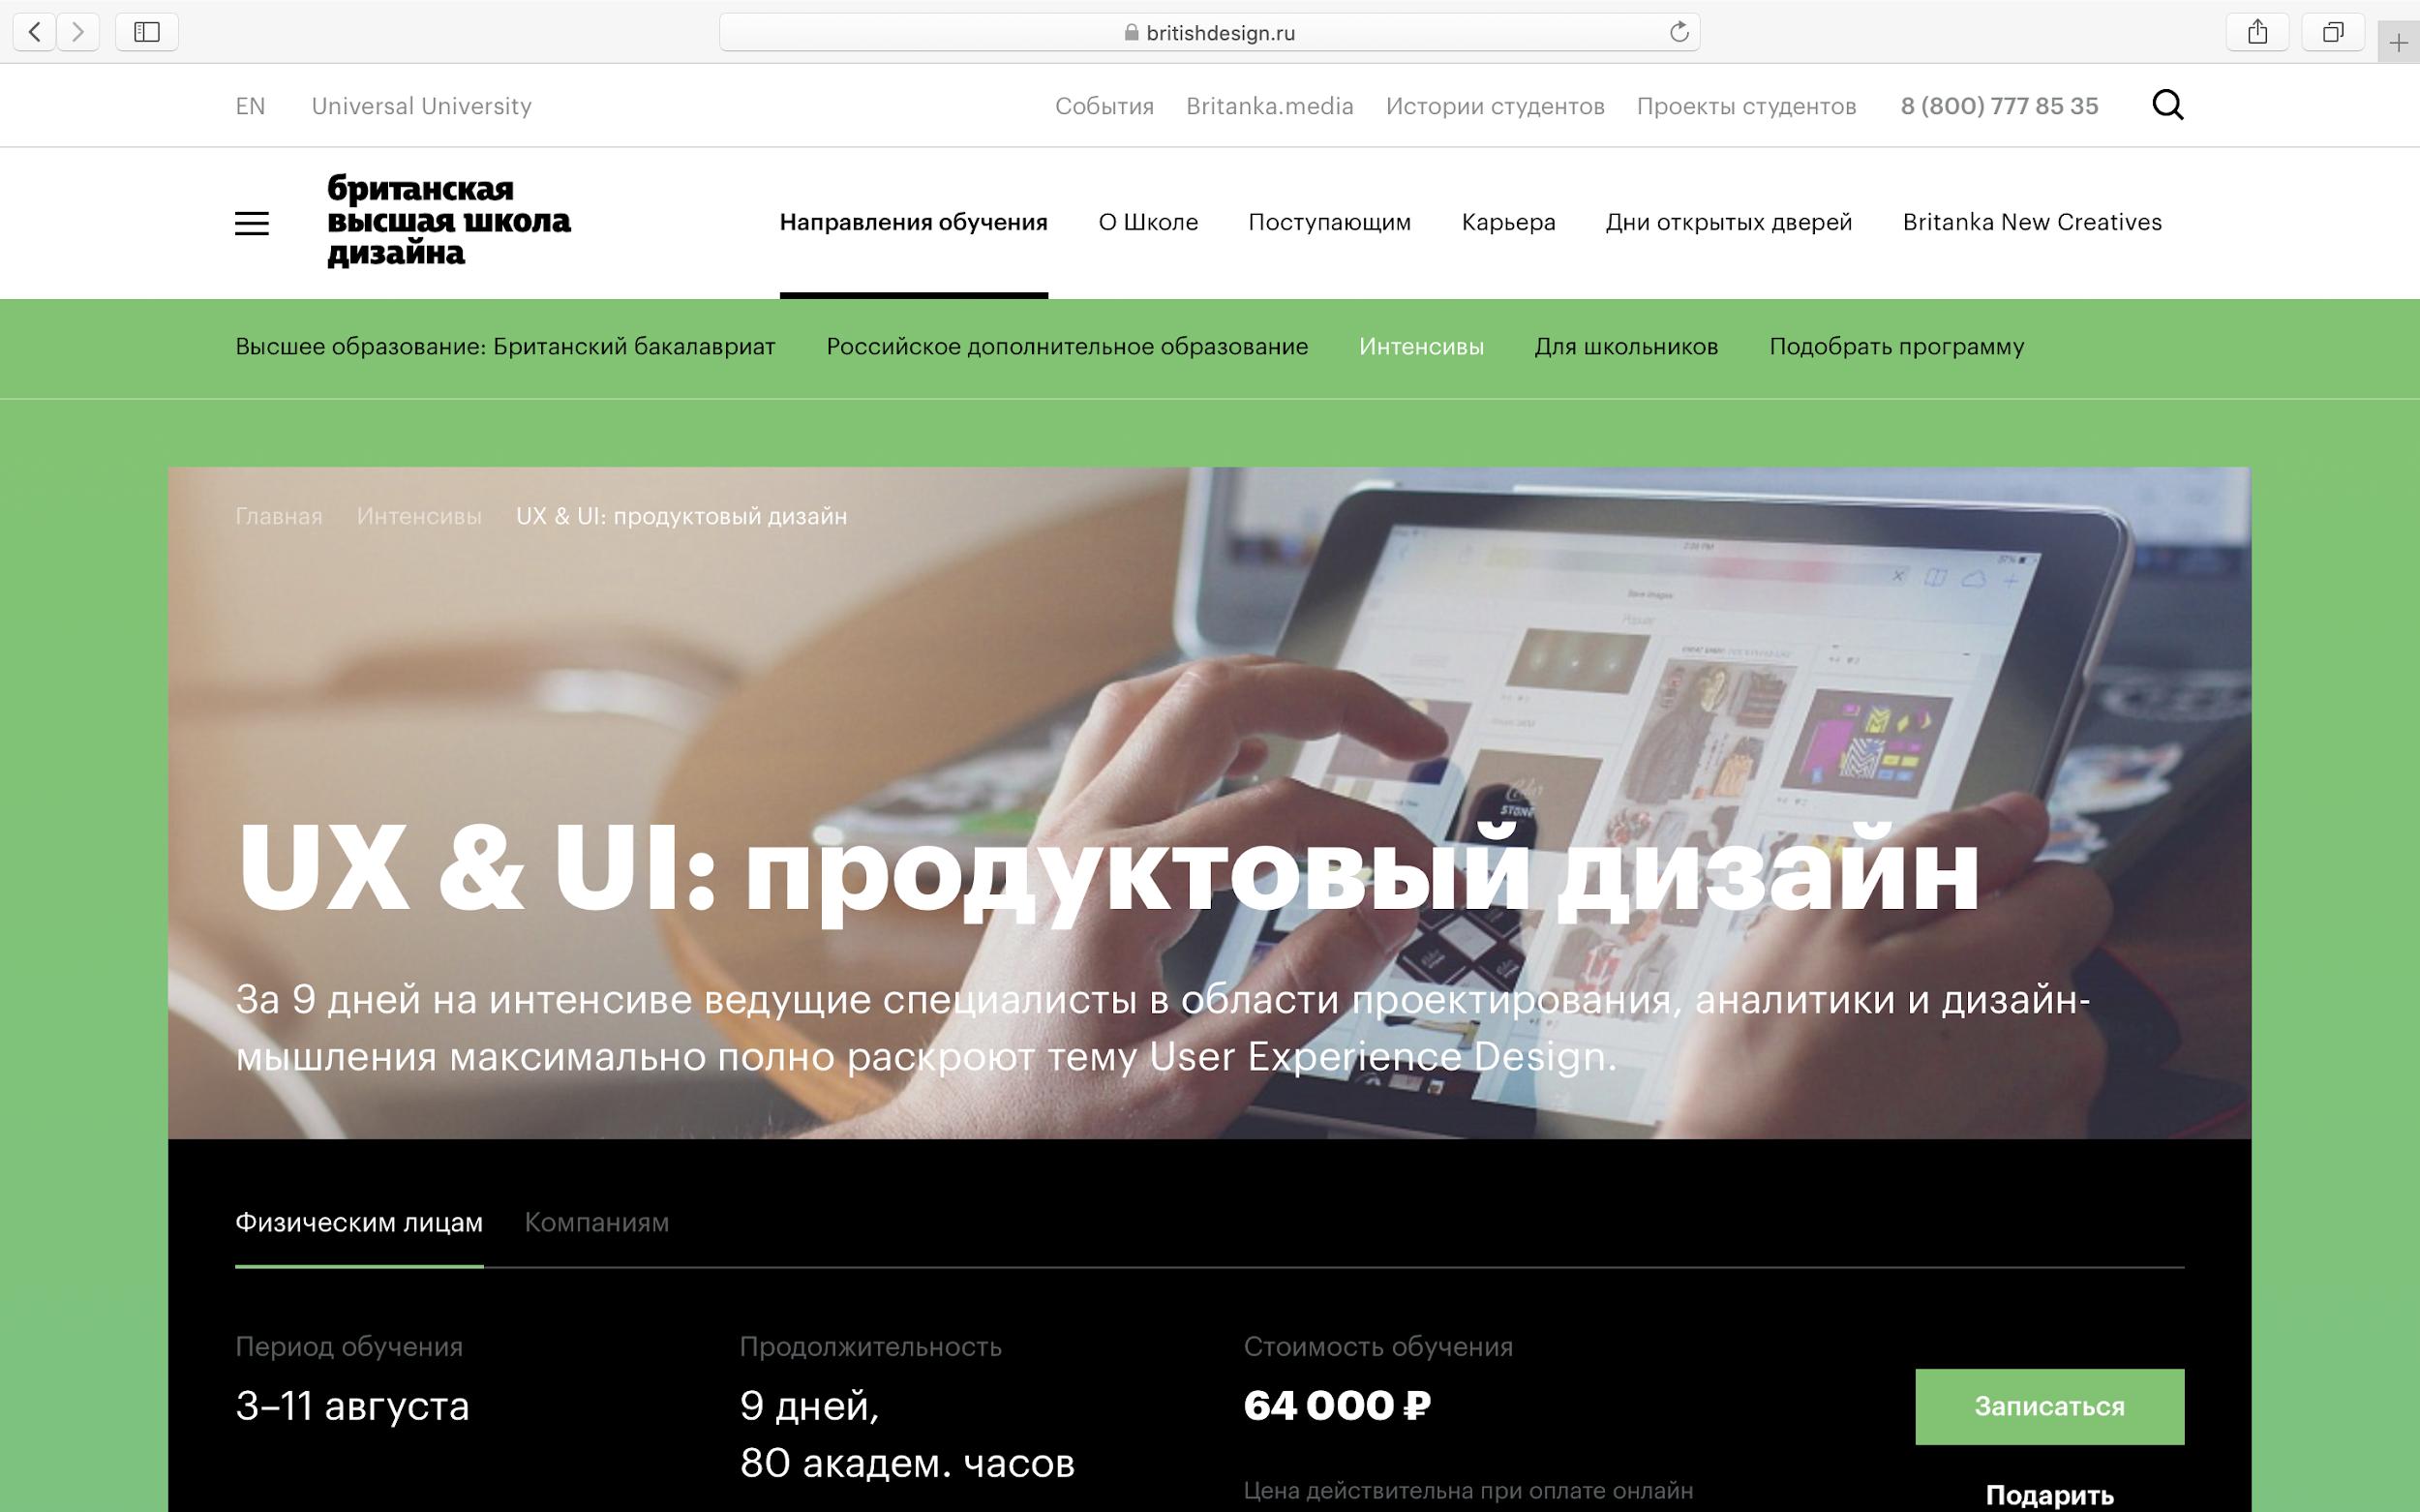 Интенсив UX/UI – Британская высшая школа дизайна